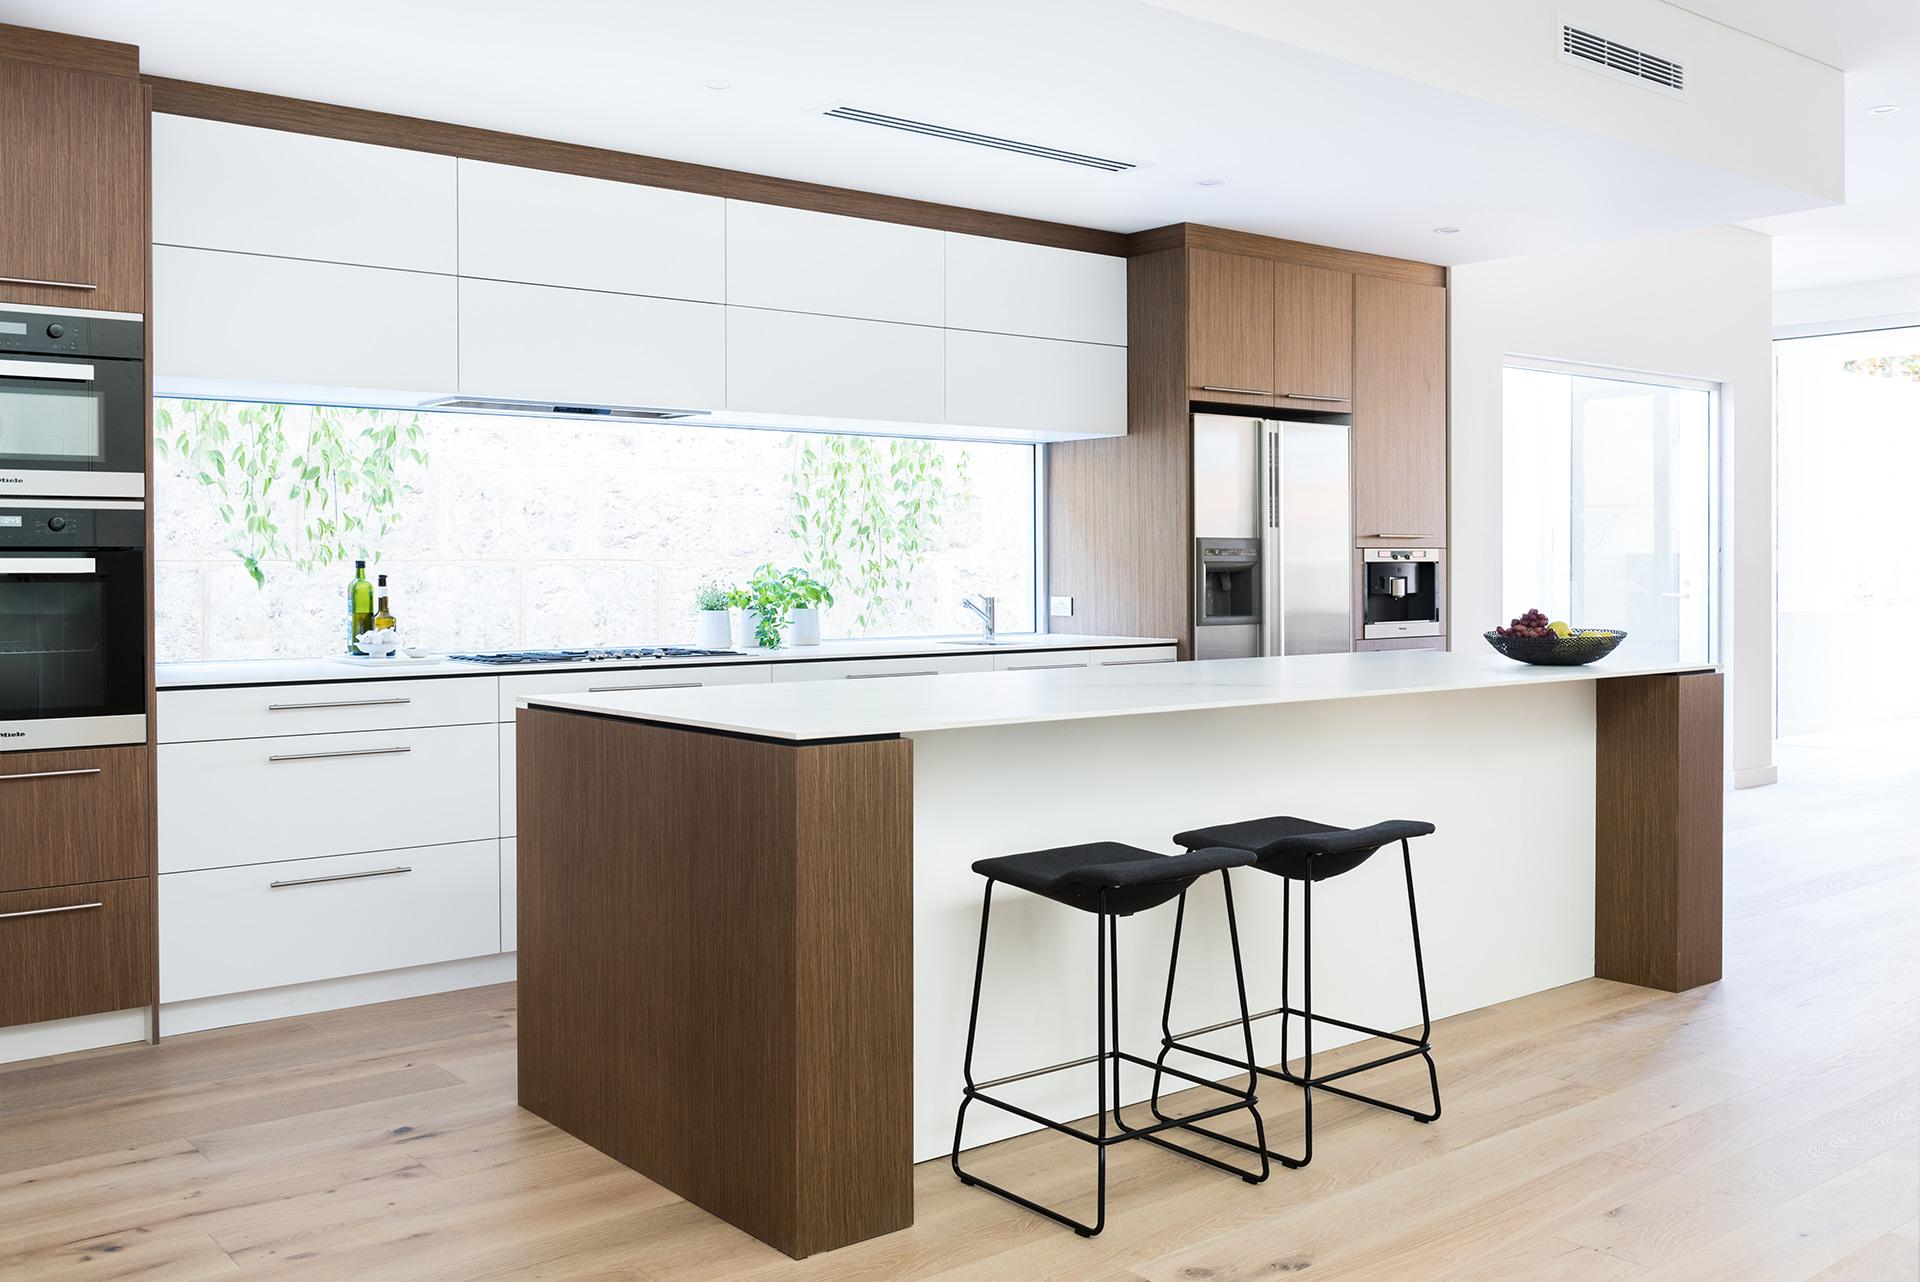 Kitchen Designers in Perth | The Kitchen Studio : The Kitchen Studio IQ